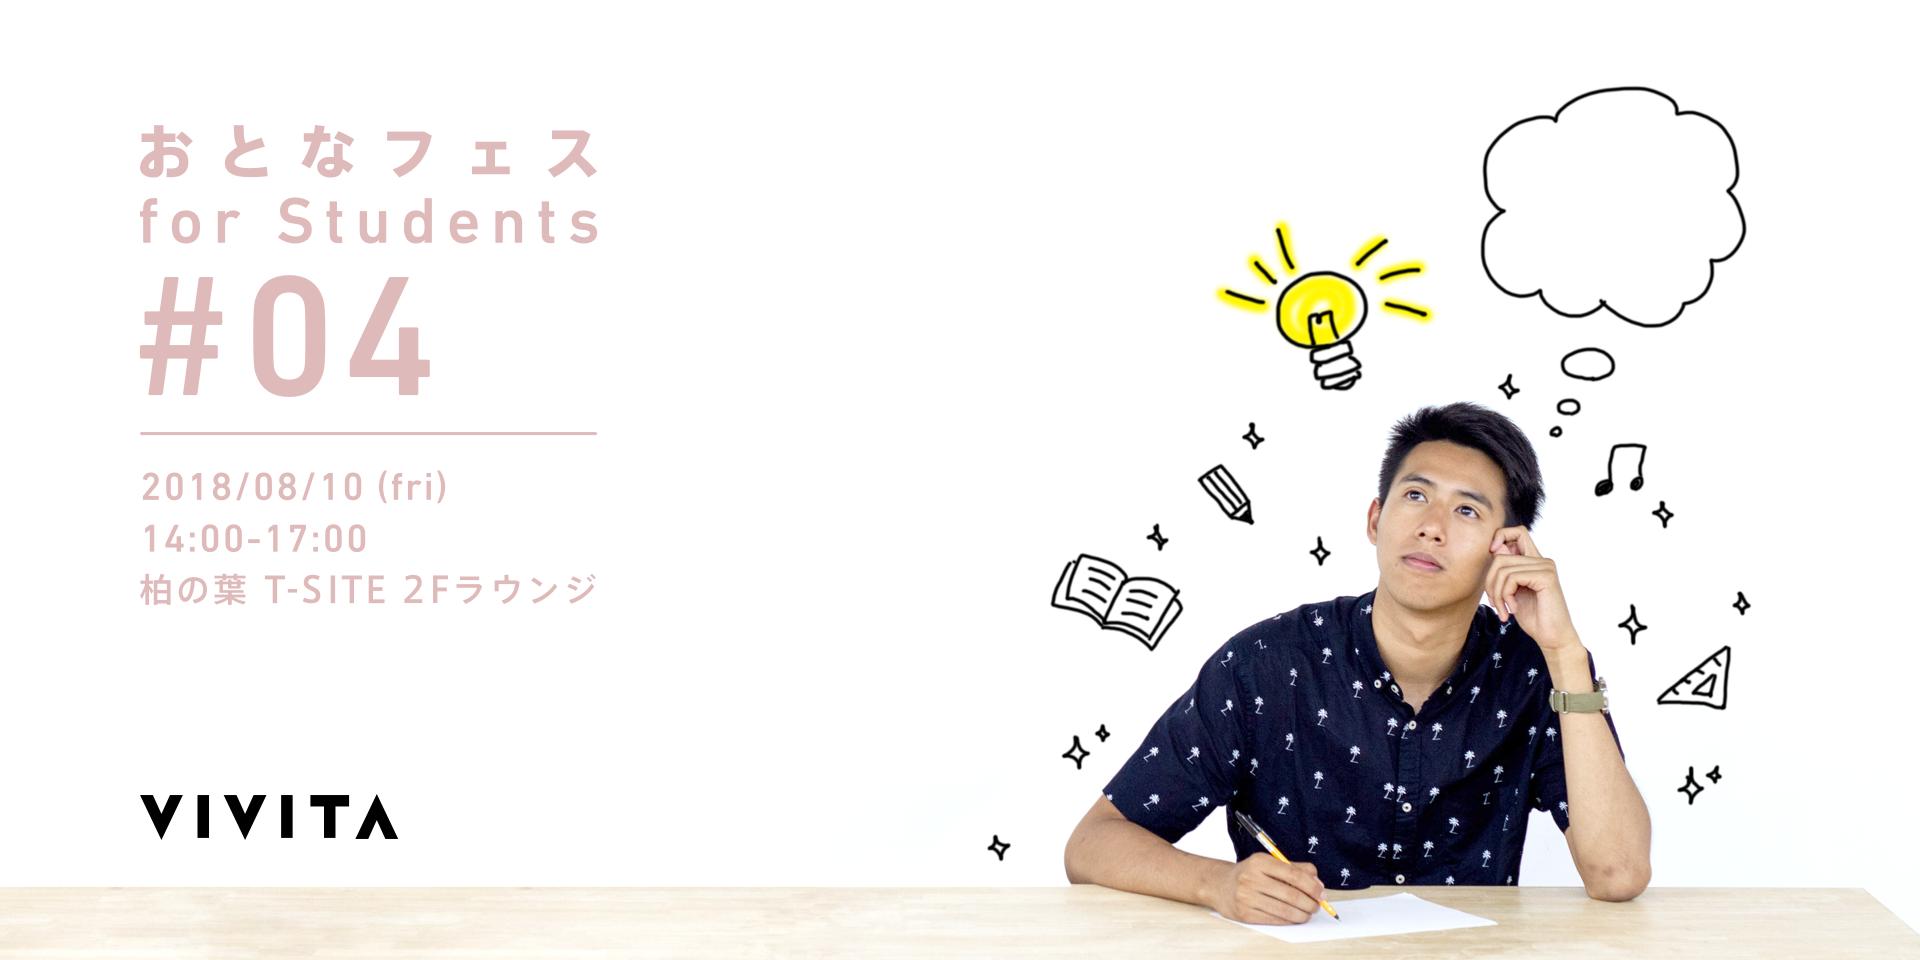 VIVITAおとなフェス #4 -for Students-